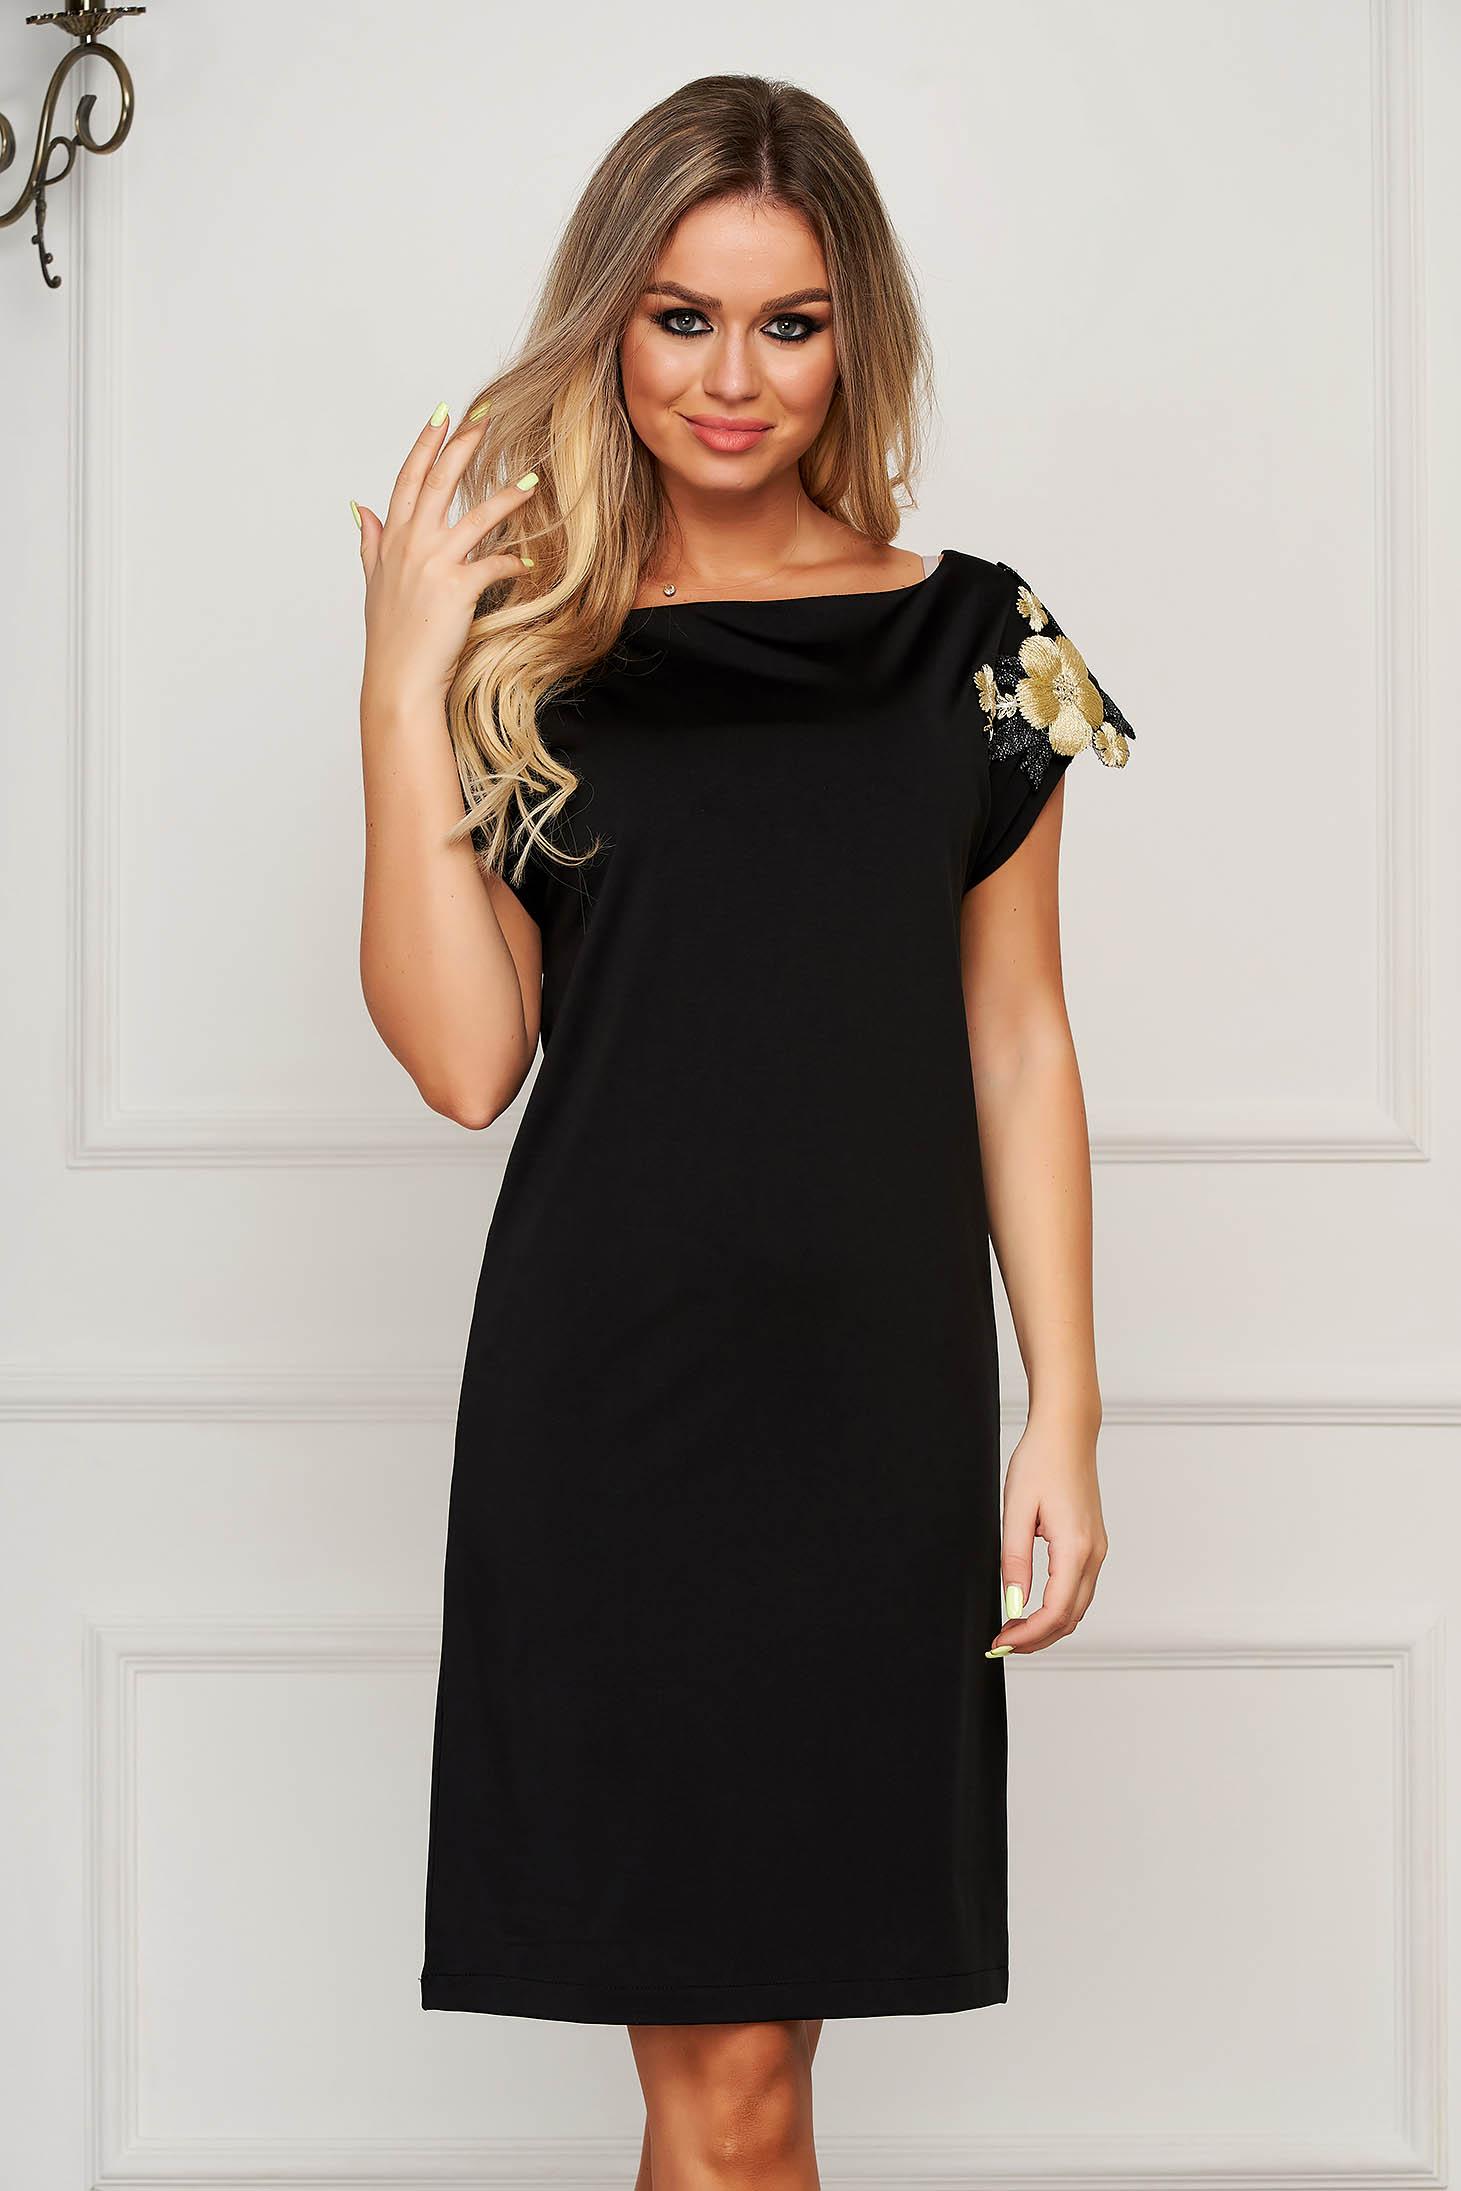 StarShinerS black dress elegant flared neckline with floral details